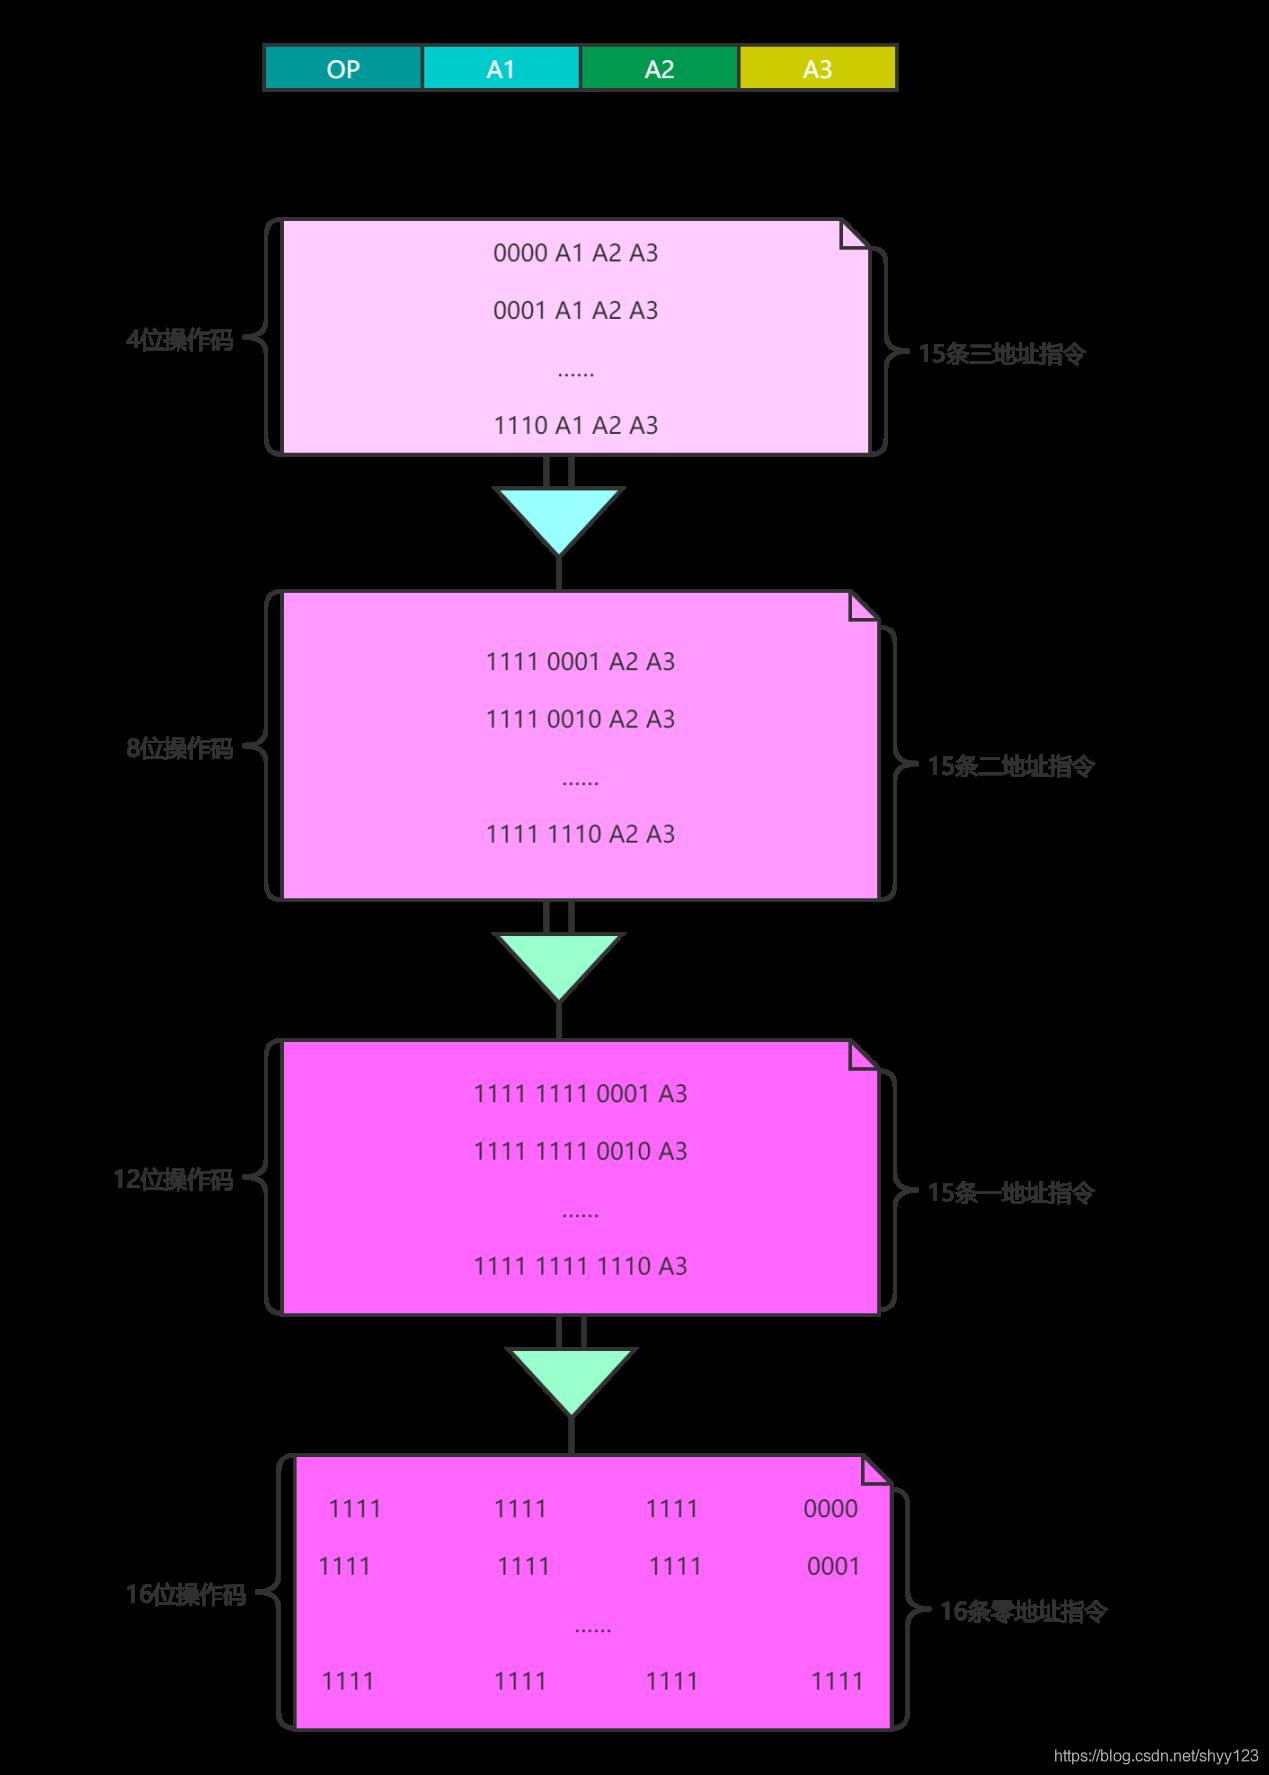 图 10 扩展操作码